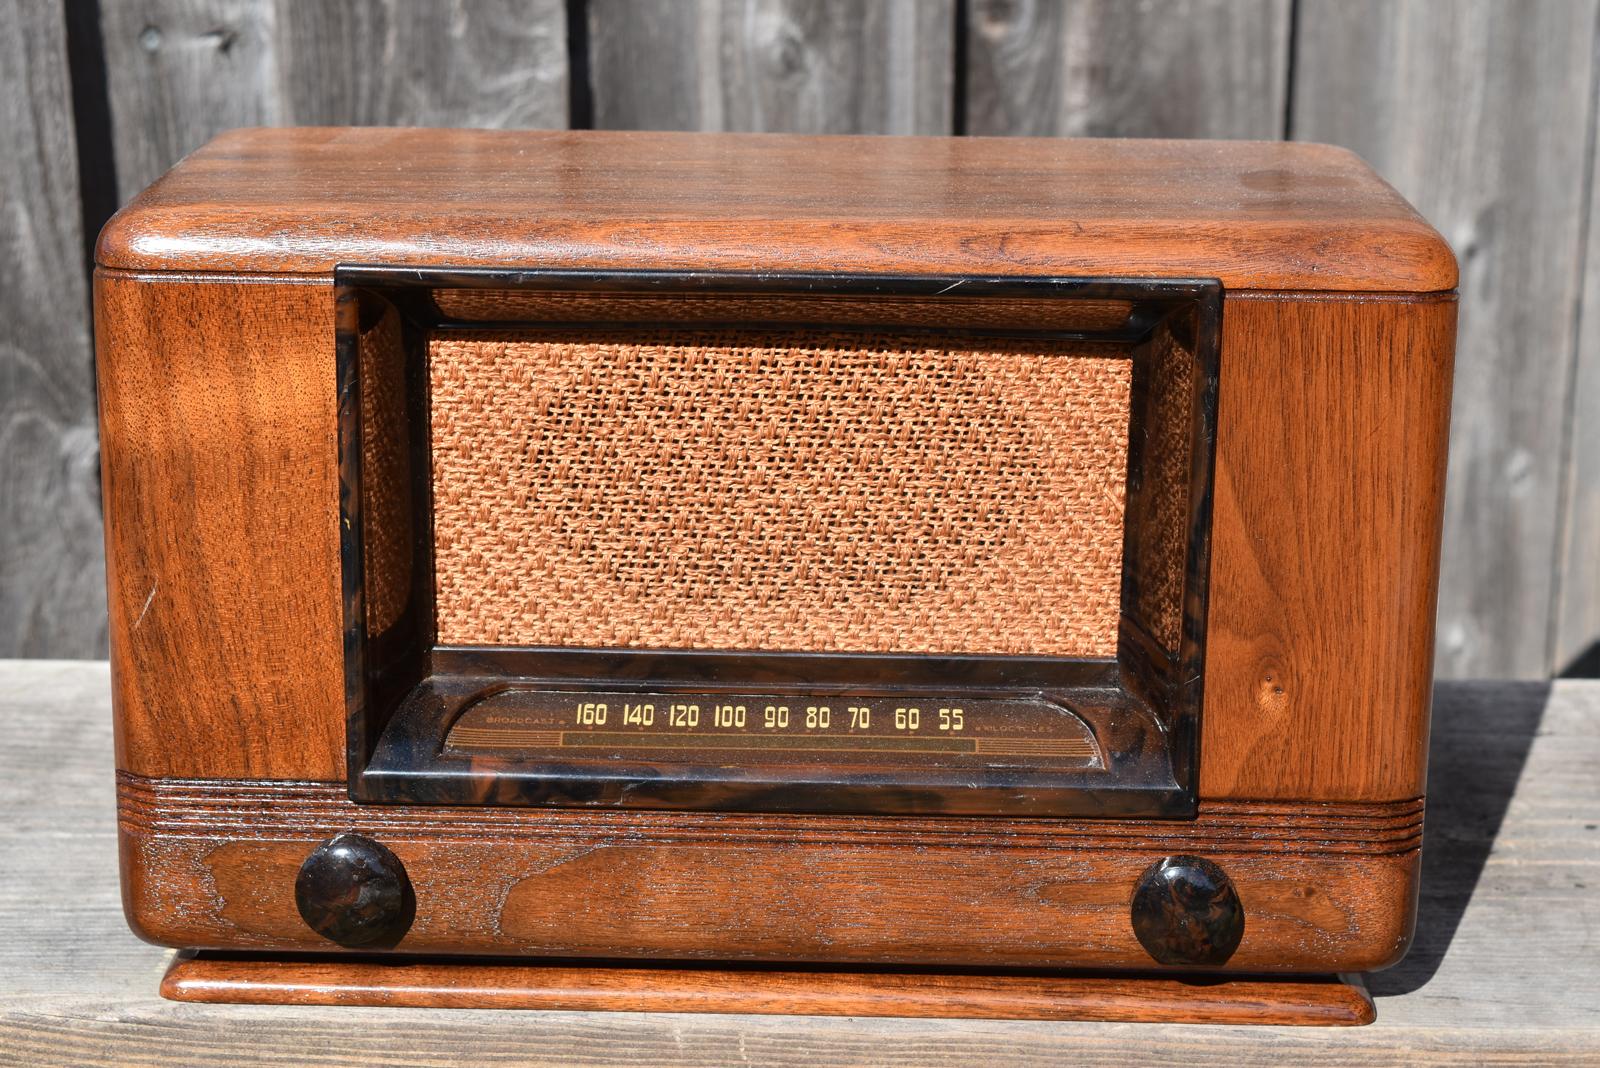 Radio vintage beacons airway